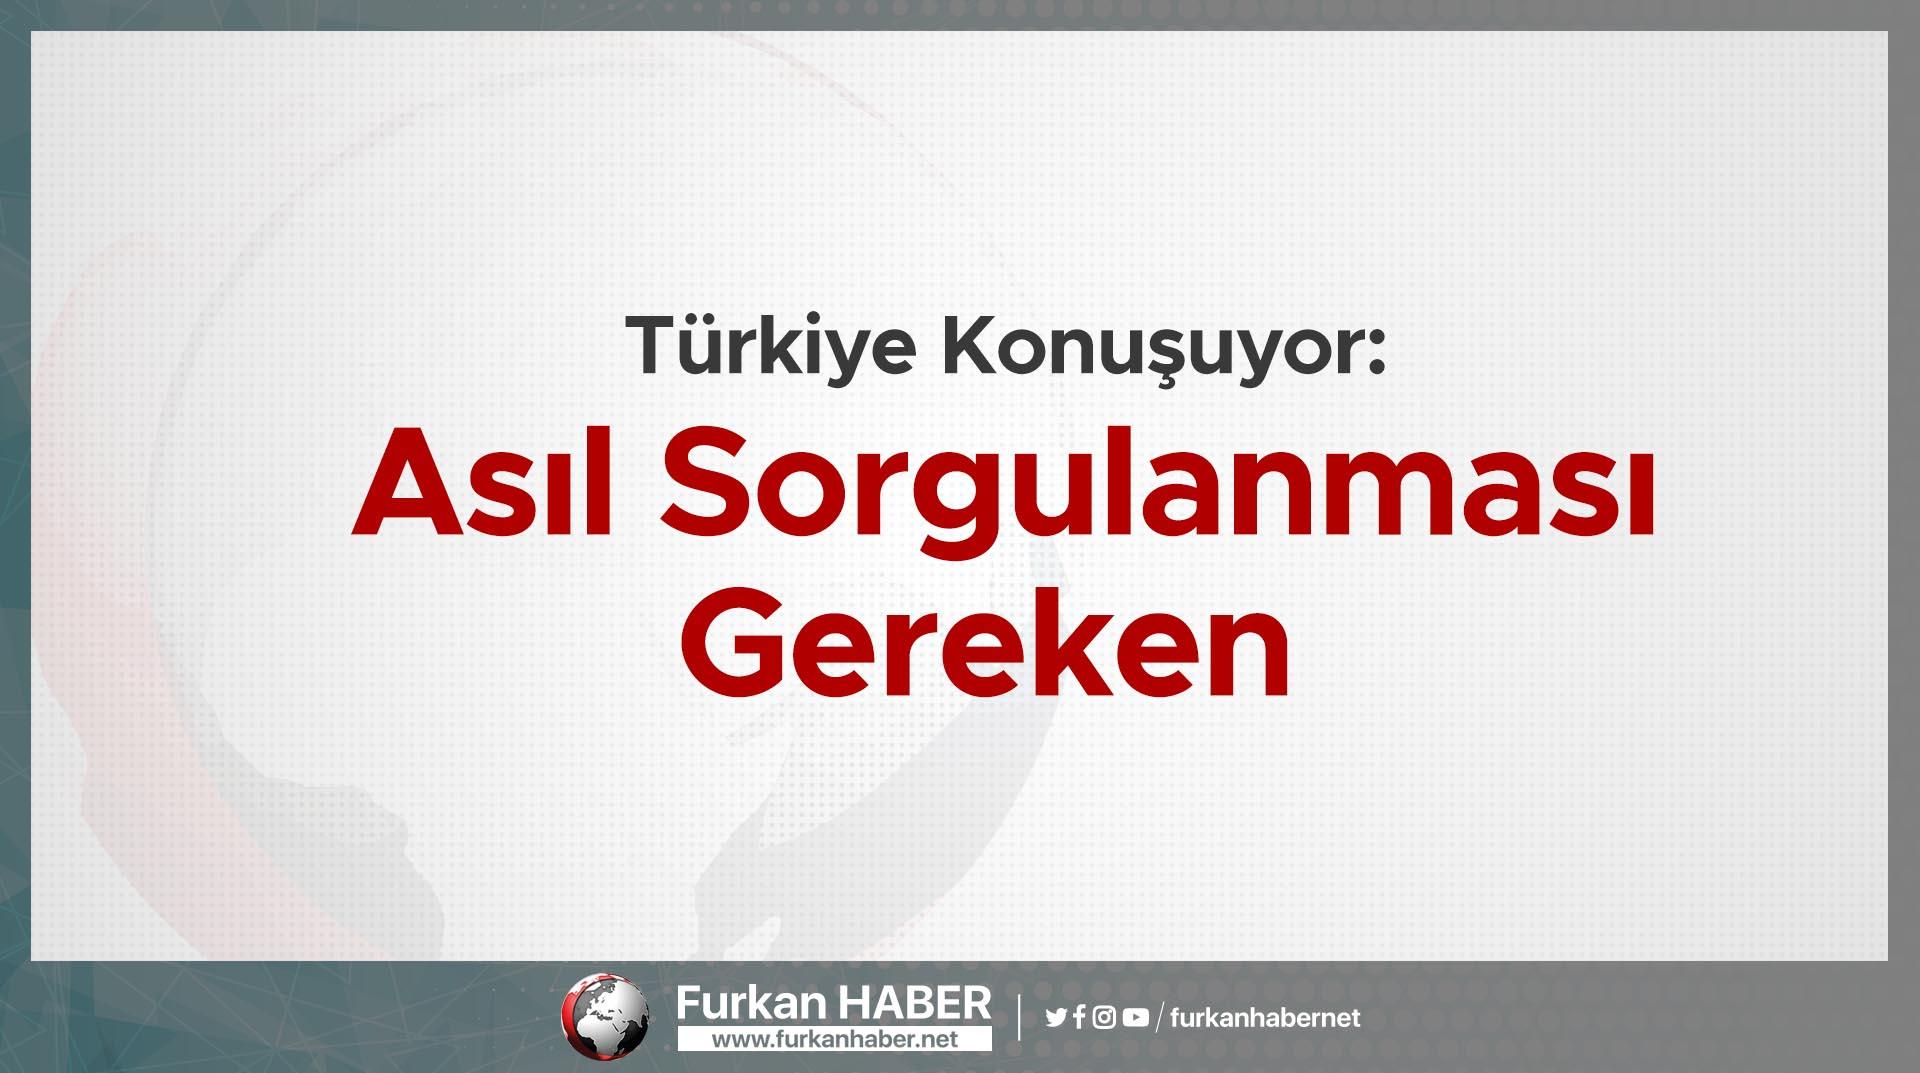 Türkiye Konuşuyor: Asıl SorgulanmasıGereken